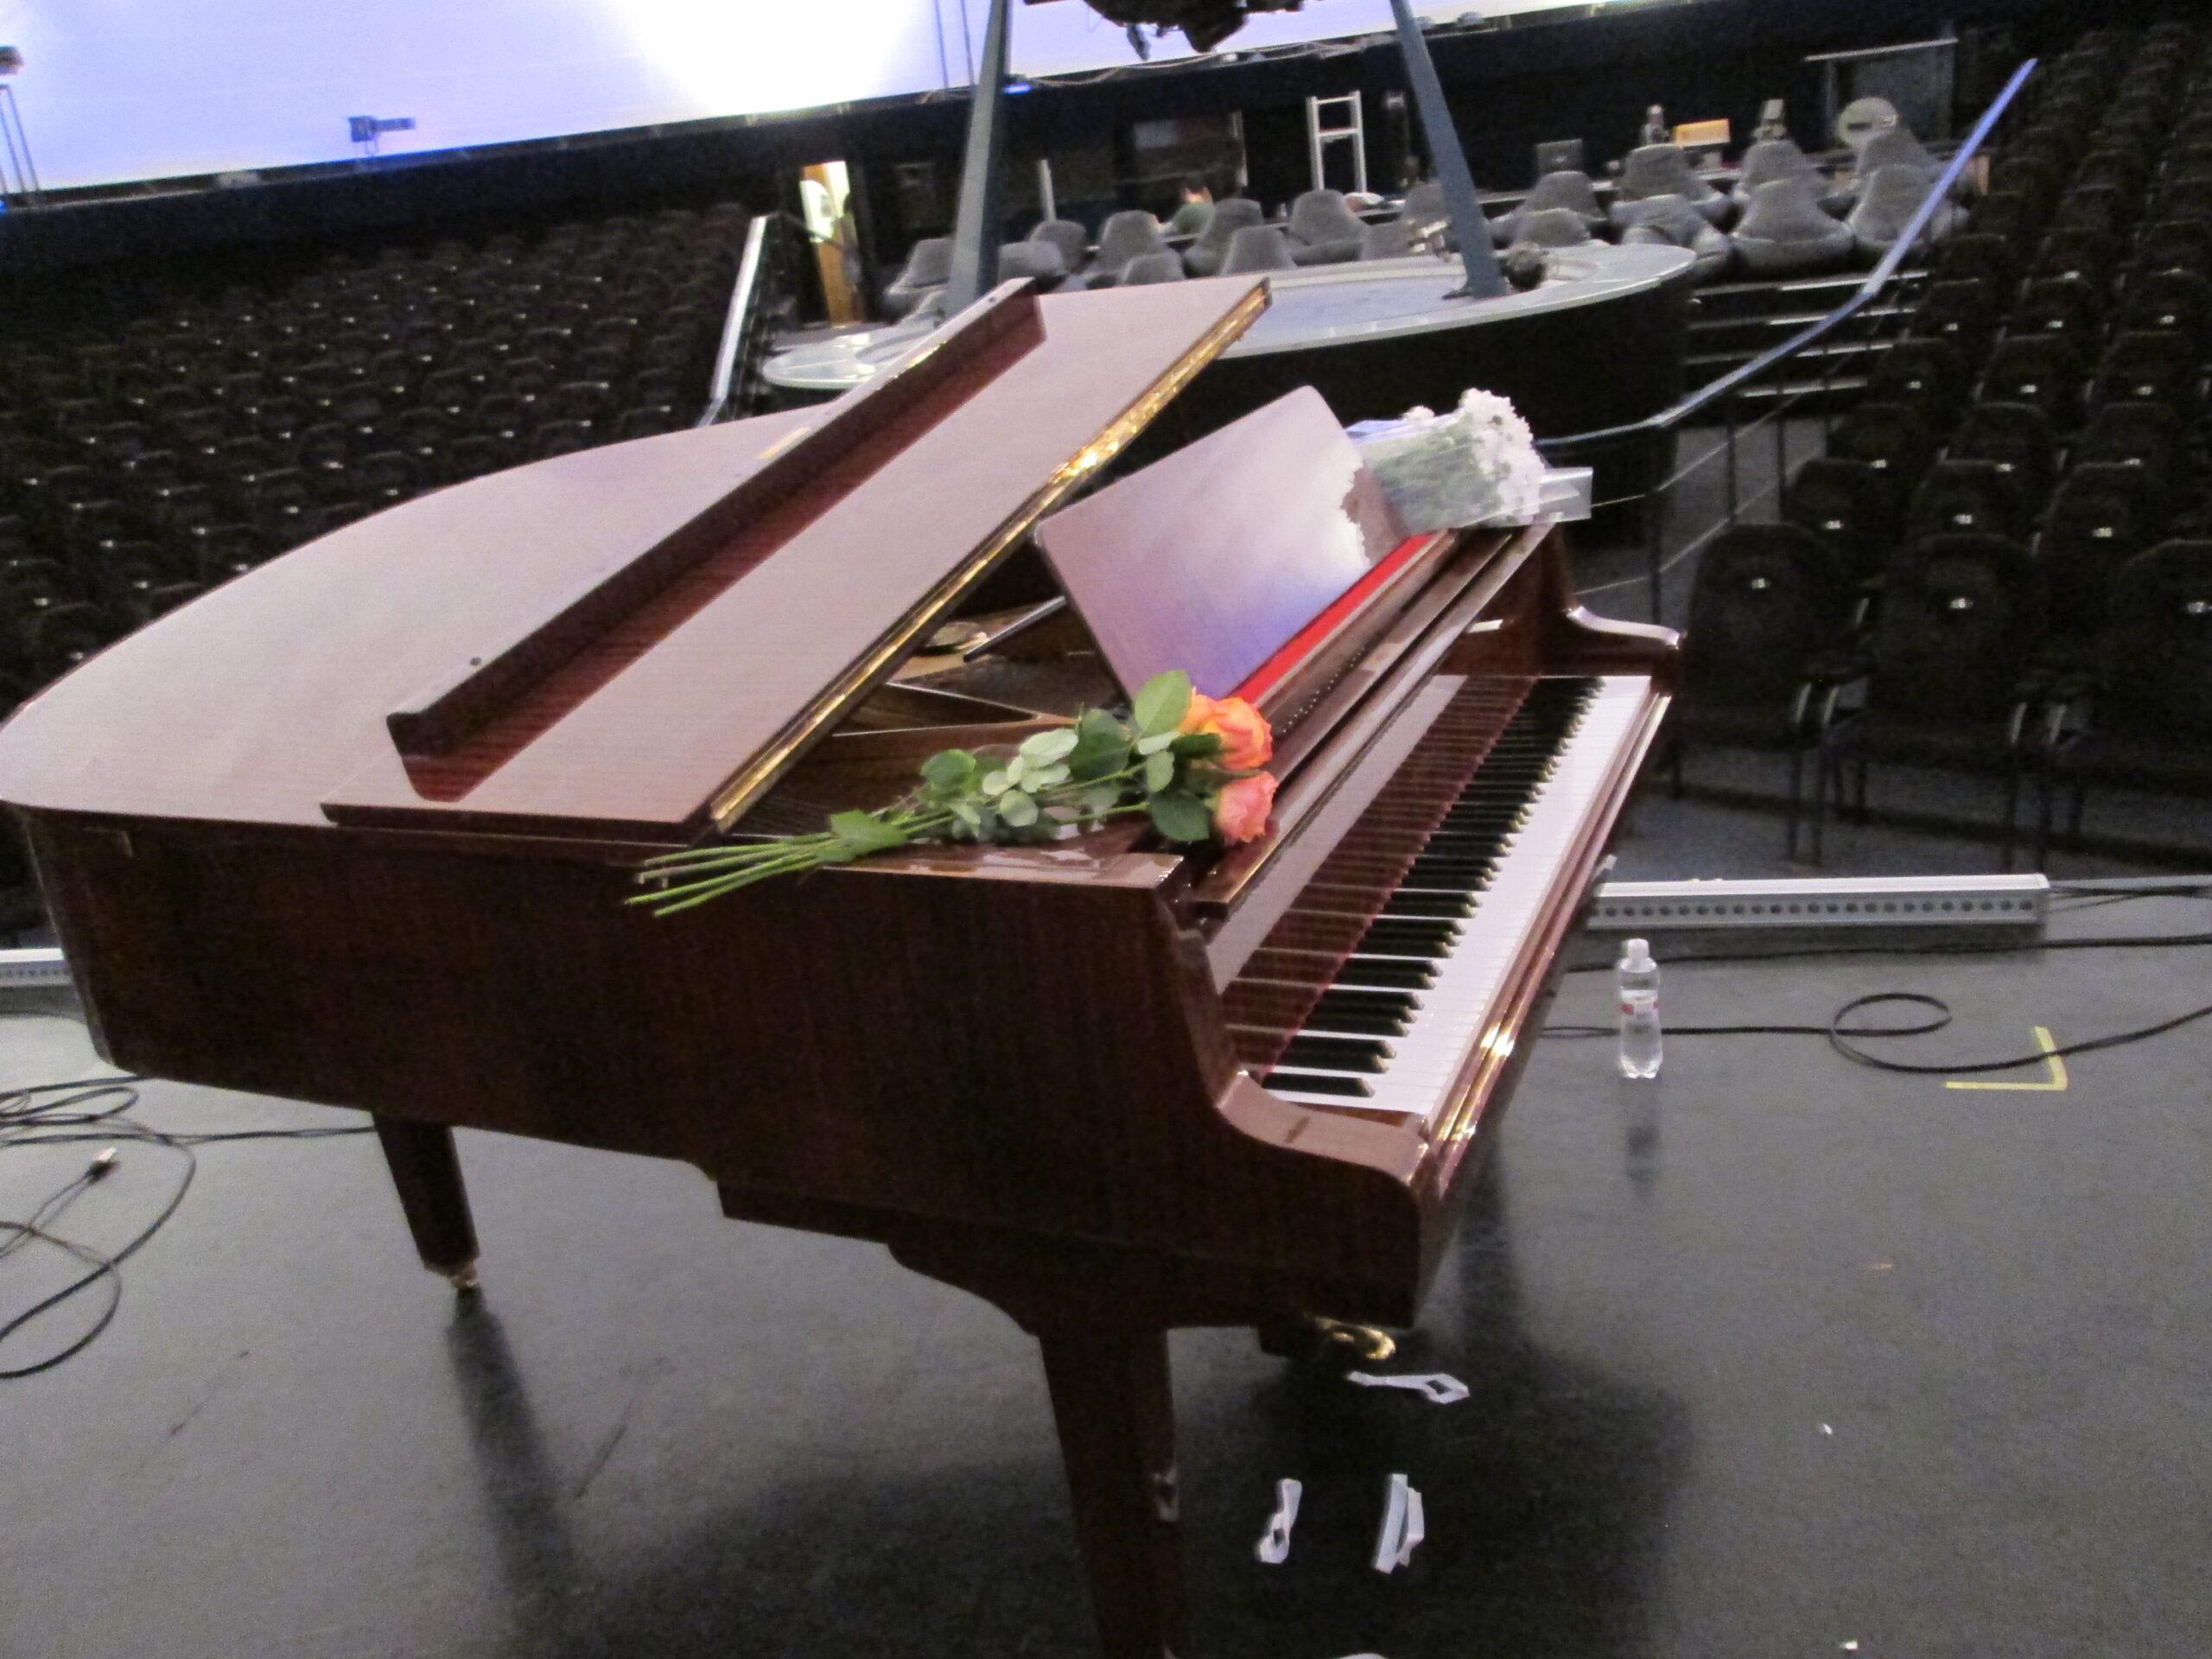 аренда коричневого рояля Киев,прокат коричневого рояля в Киеве,